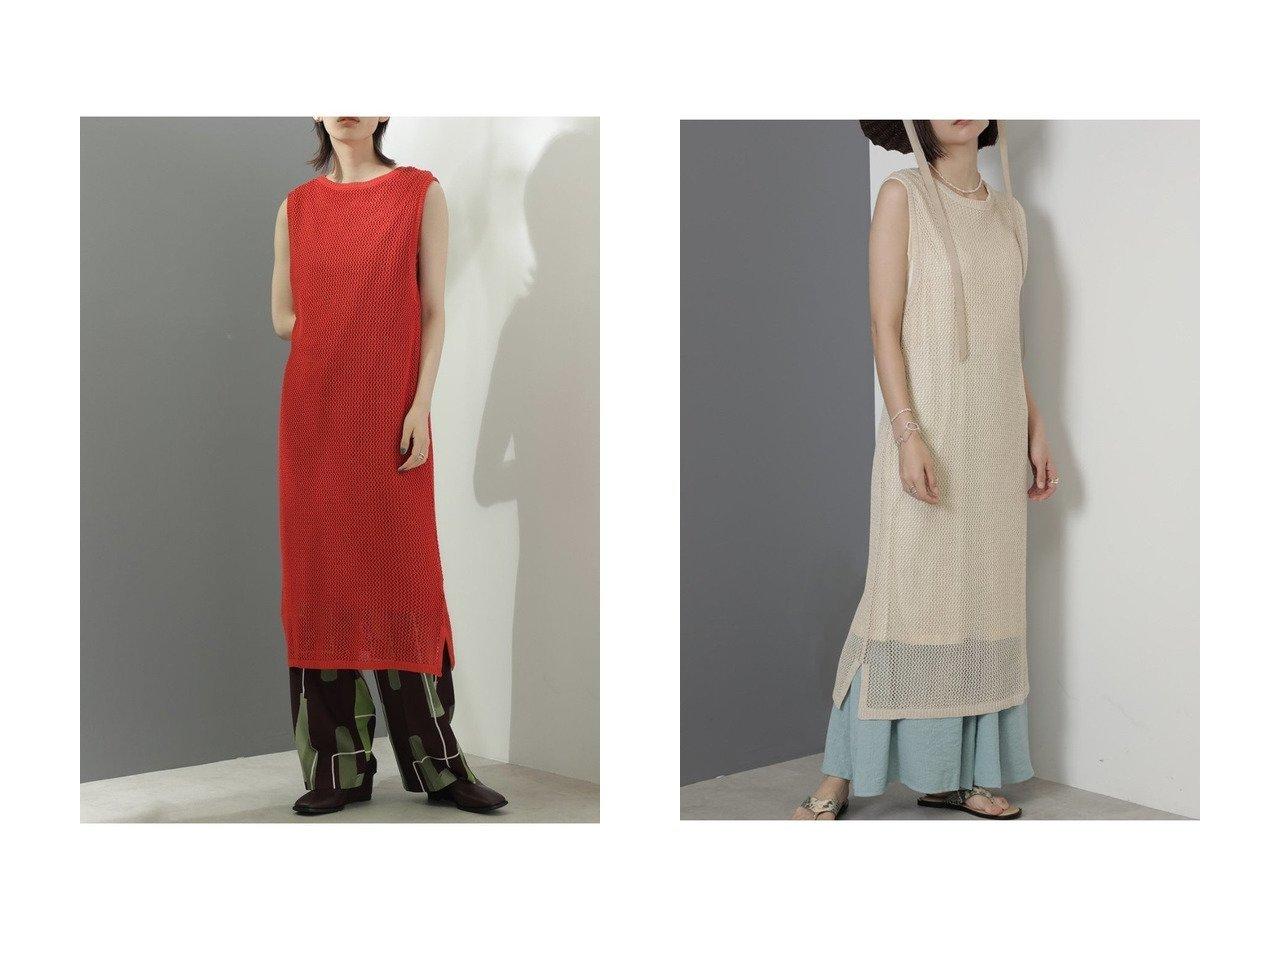 【ROSE BUD/ローズバッド】のメッシュニット 【トップス・カットソー】おすすめ!人気、トレンド・レディースファッションの通販 おすすめで人気の流行・トレンド、ファッションの通販商品 インテリア・家具・メンズファッション・キッズファッション・レディースファッション・服の通販 founy(ファニー) https://founy.com/ ファッション Fashion レディースファッション WOMEN トップス・カットソー Tops/Tshirt ニット Knit Tops 2021年 2021 2021-2022秋冬・A/W AW・Autumn/Winter・FW・Fall-Winter・2021-2022 A/W・秋冬 AW・Autumn/Winter・FW・Fall-Winter ストレート トレンド メッシュ ロング 人気  ID:crp329100000054635